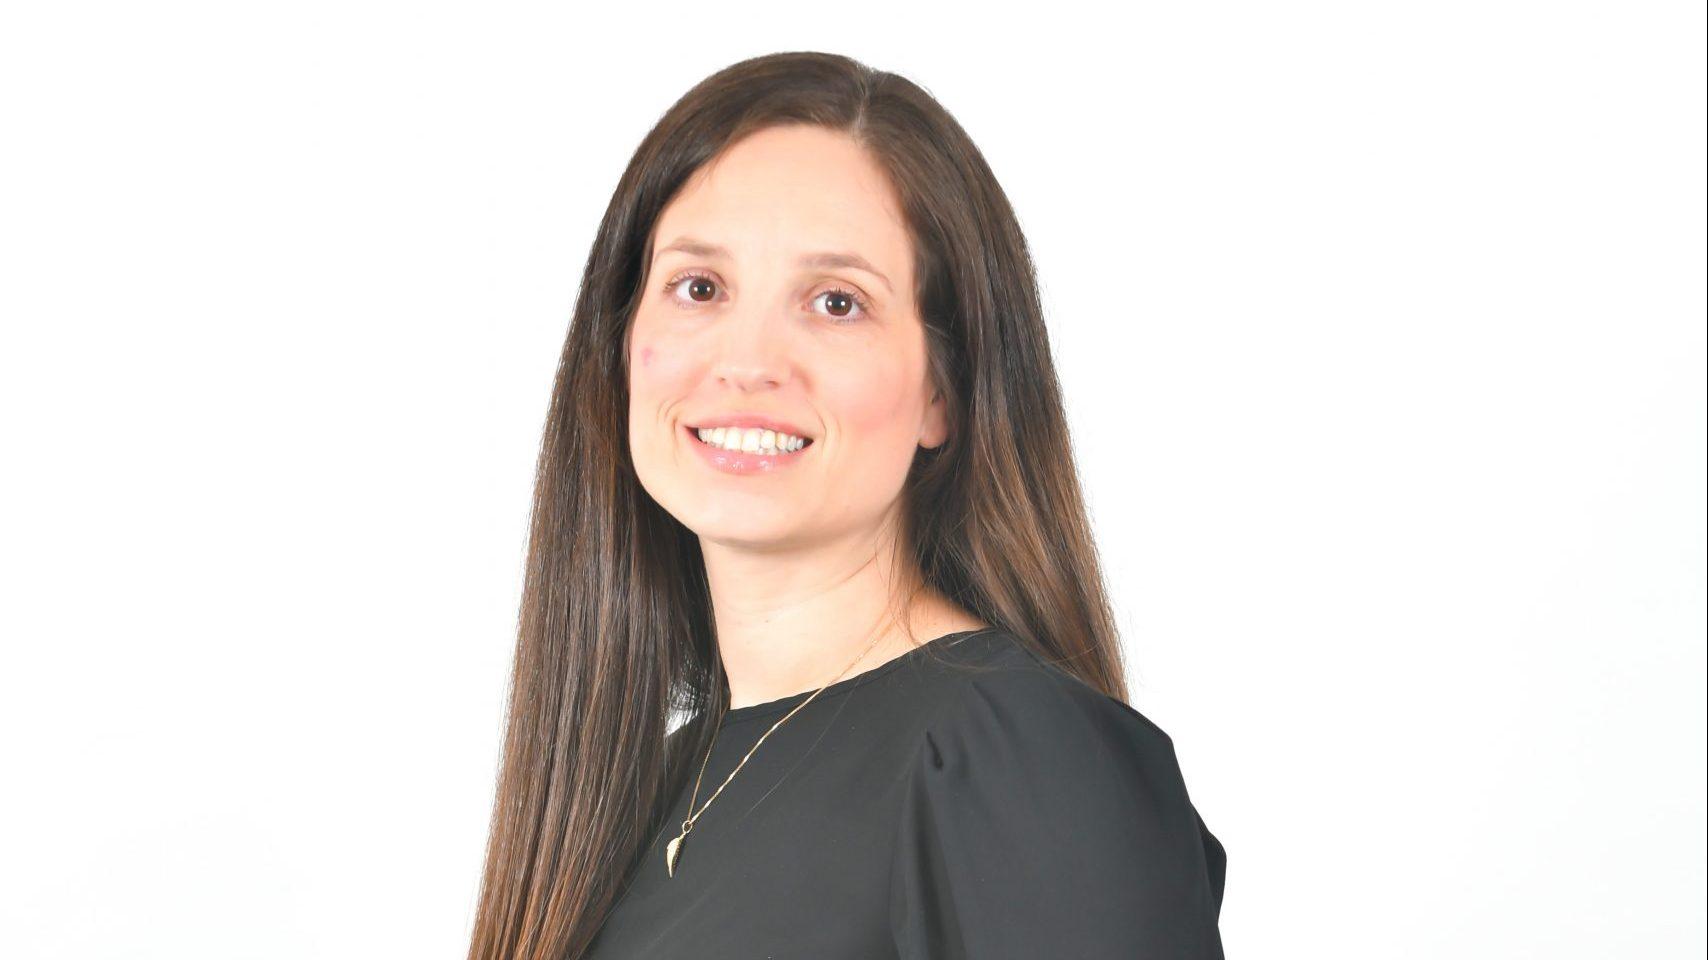 ורד וולפס פאר, מנהלת משאבי אנוש בשלמה ביטוח: לענף הביטוח יש מה להציע – מדובר באחד הענפים עם פוטנציאל ההתקדמות הגבוה ביותר לעובדים